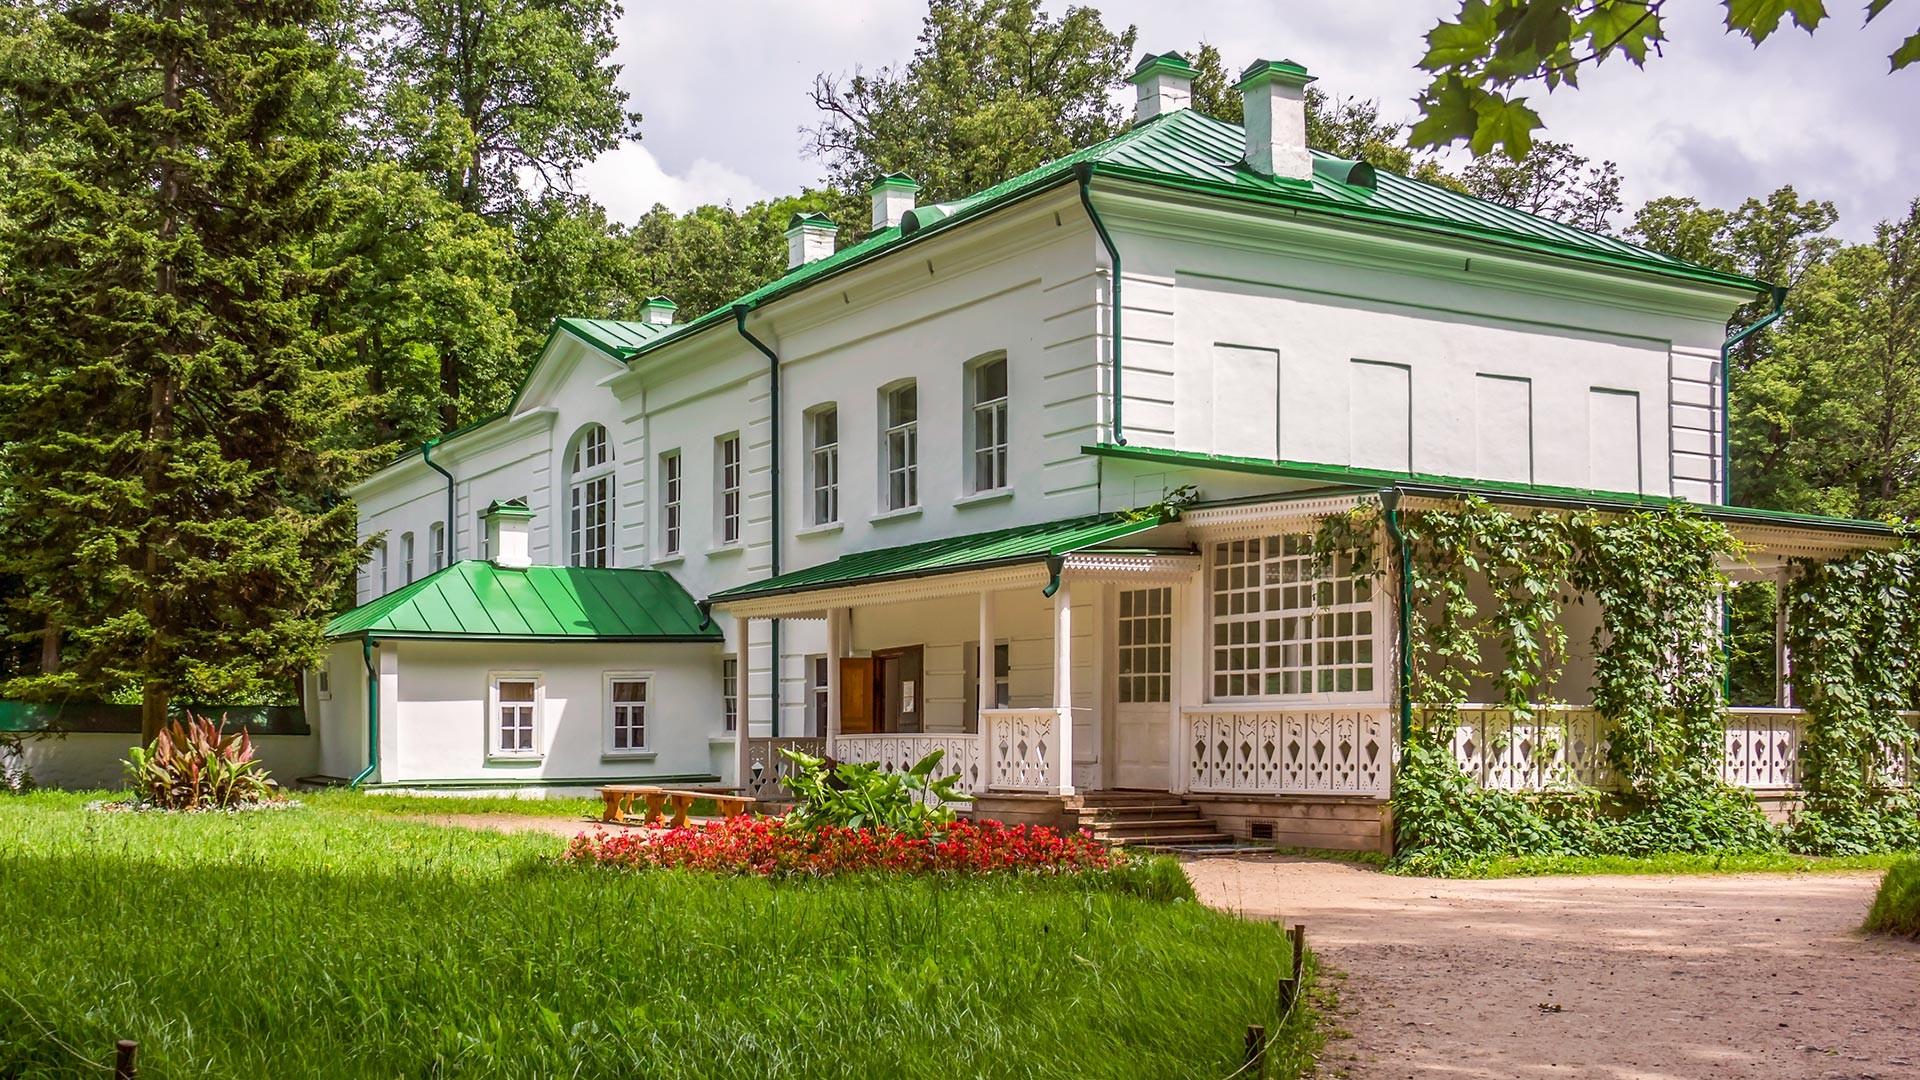 La casa di Tolstoj a Jasnaja Poljana